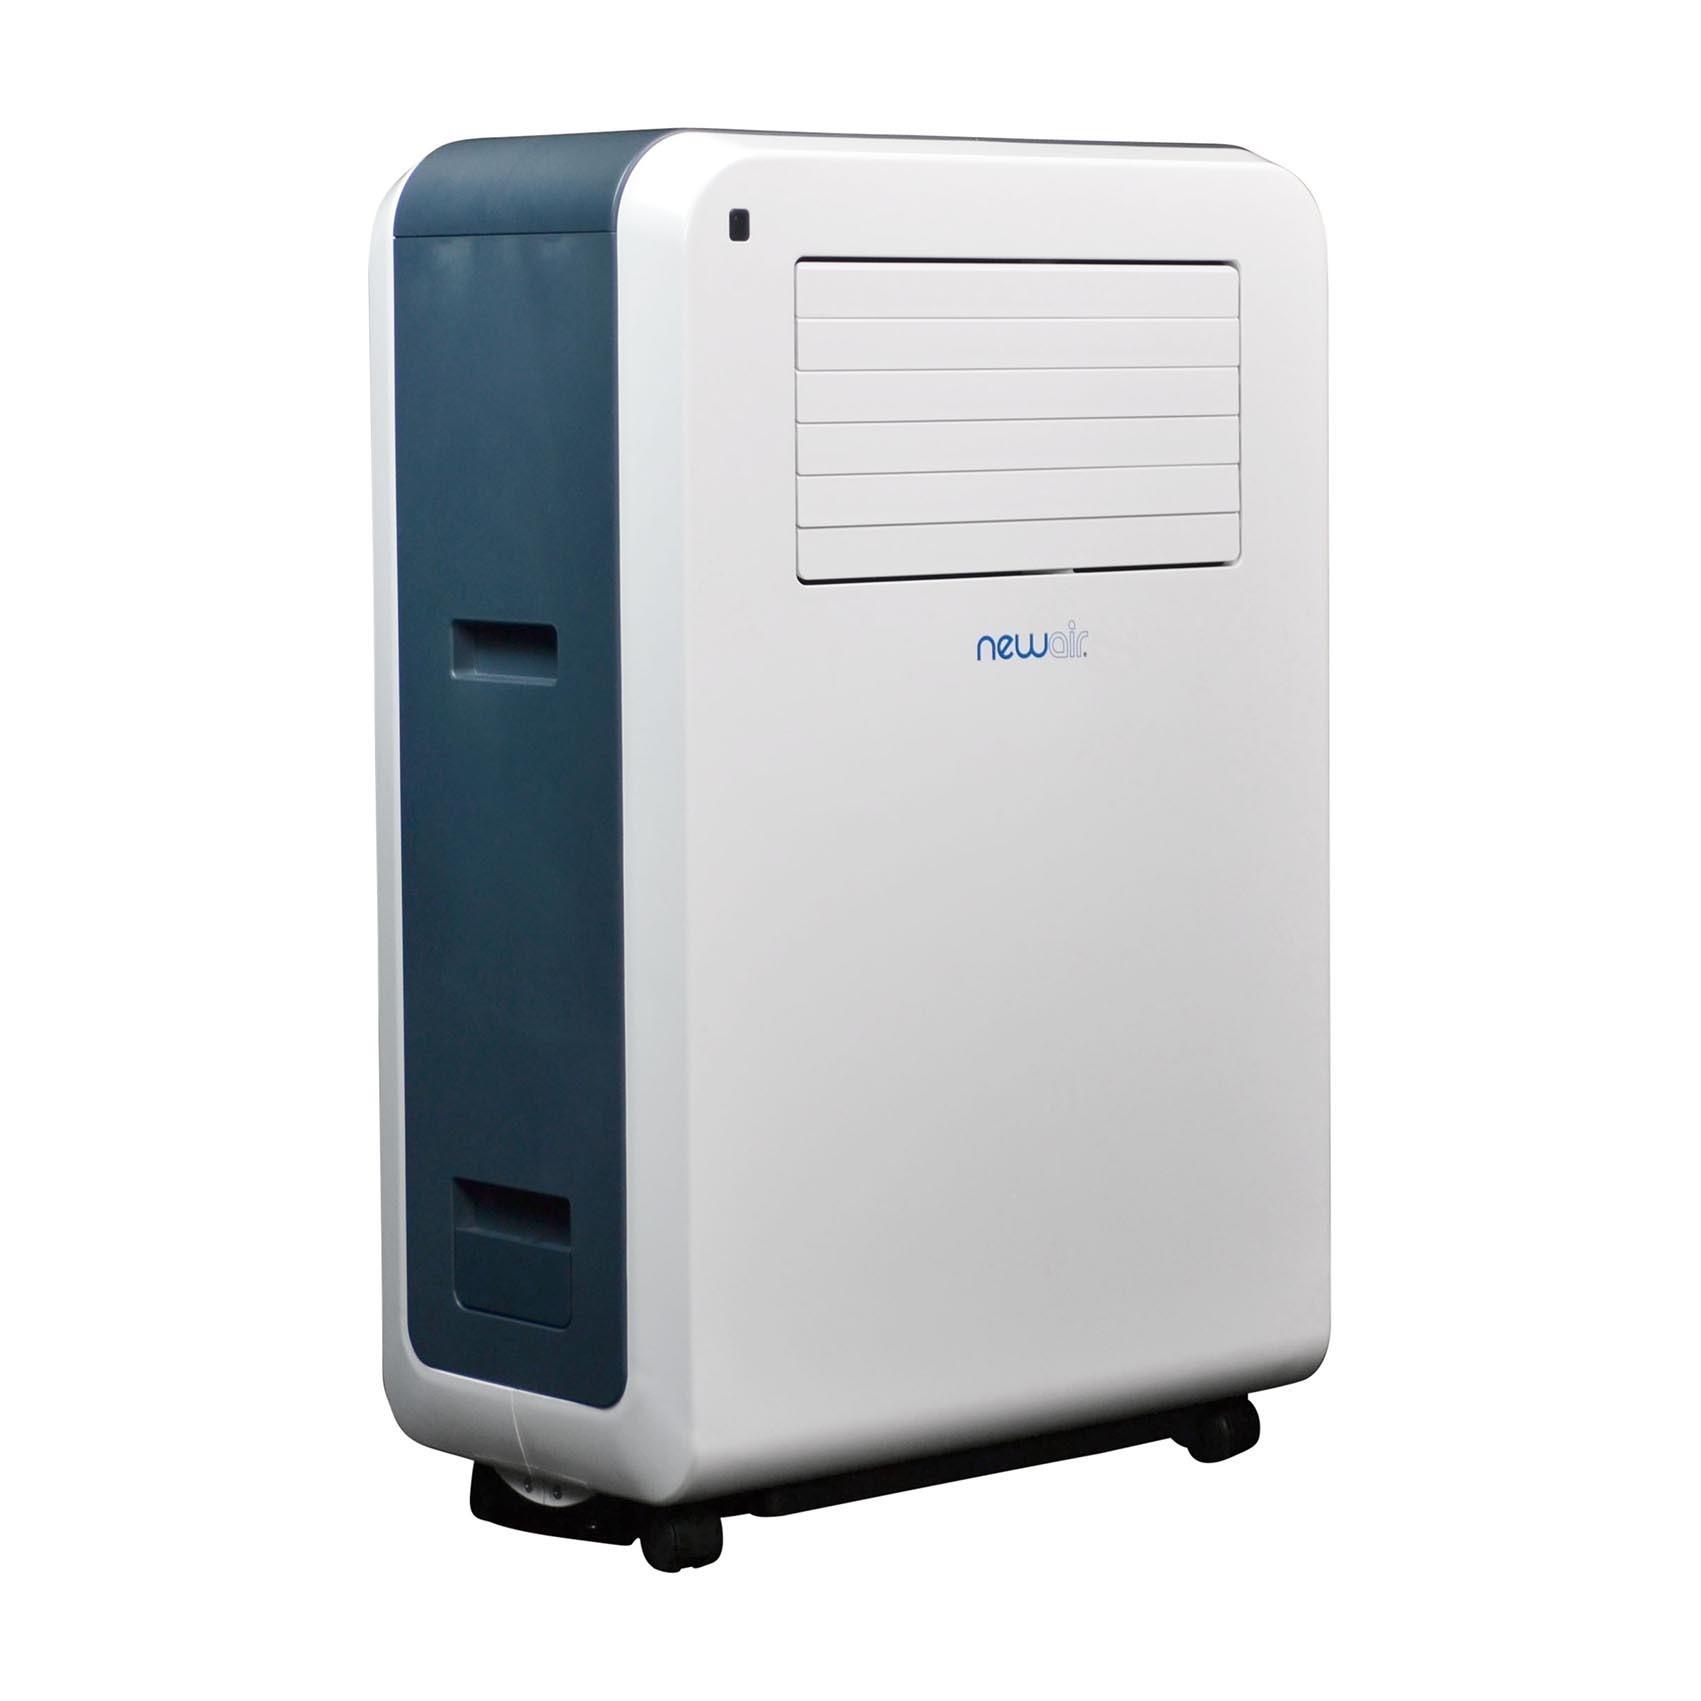 NewAir AC-12200E Portable Air Conditioner (White)